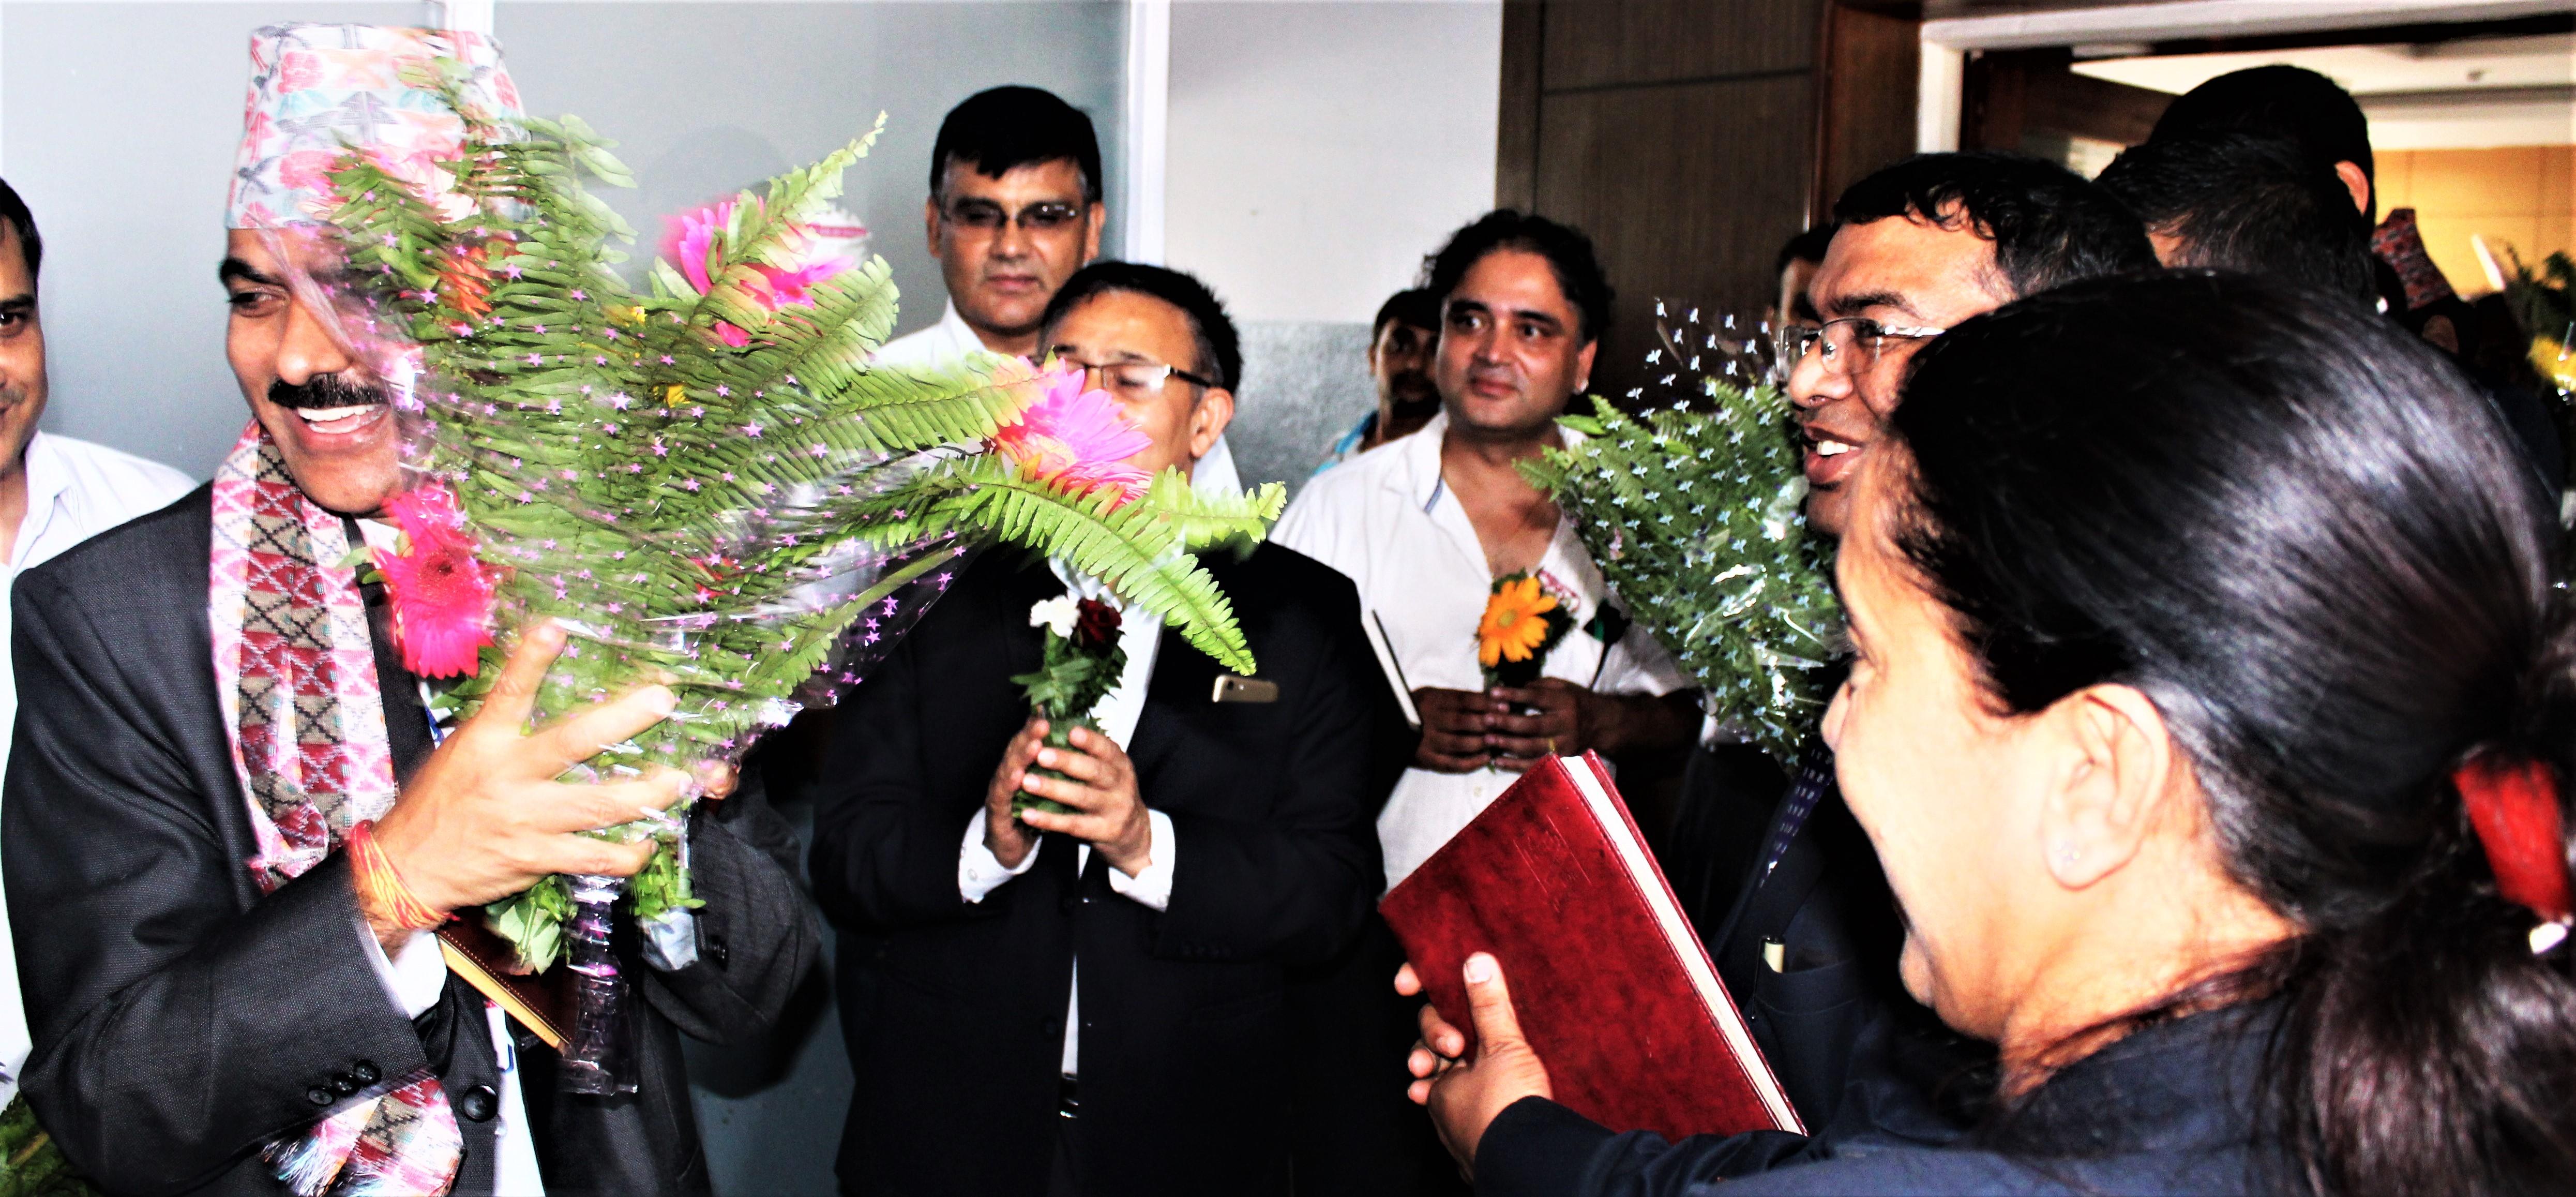 उद्योग, बाणिज्य तथा आपुर्ति मन्त्रालयका सचिव श्री वैकुण्ठ अयार्लज्यूको मिति २०७६।०५।०५ मा सम्पन्न स्वागत कार्यक्रमका तस्वीरहरु